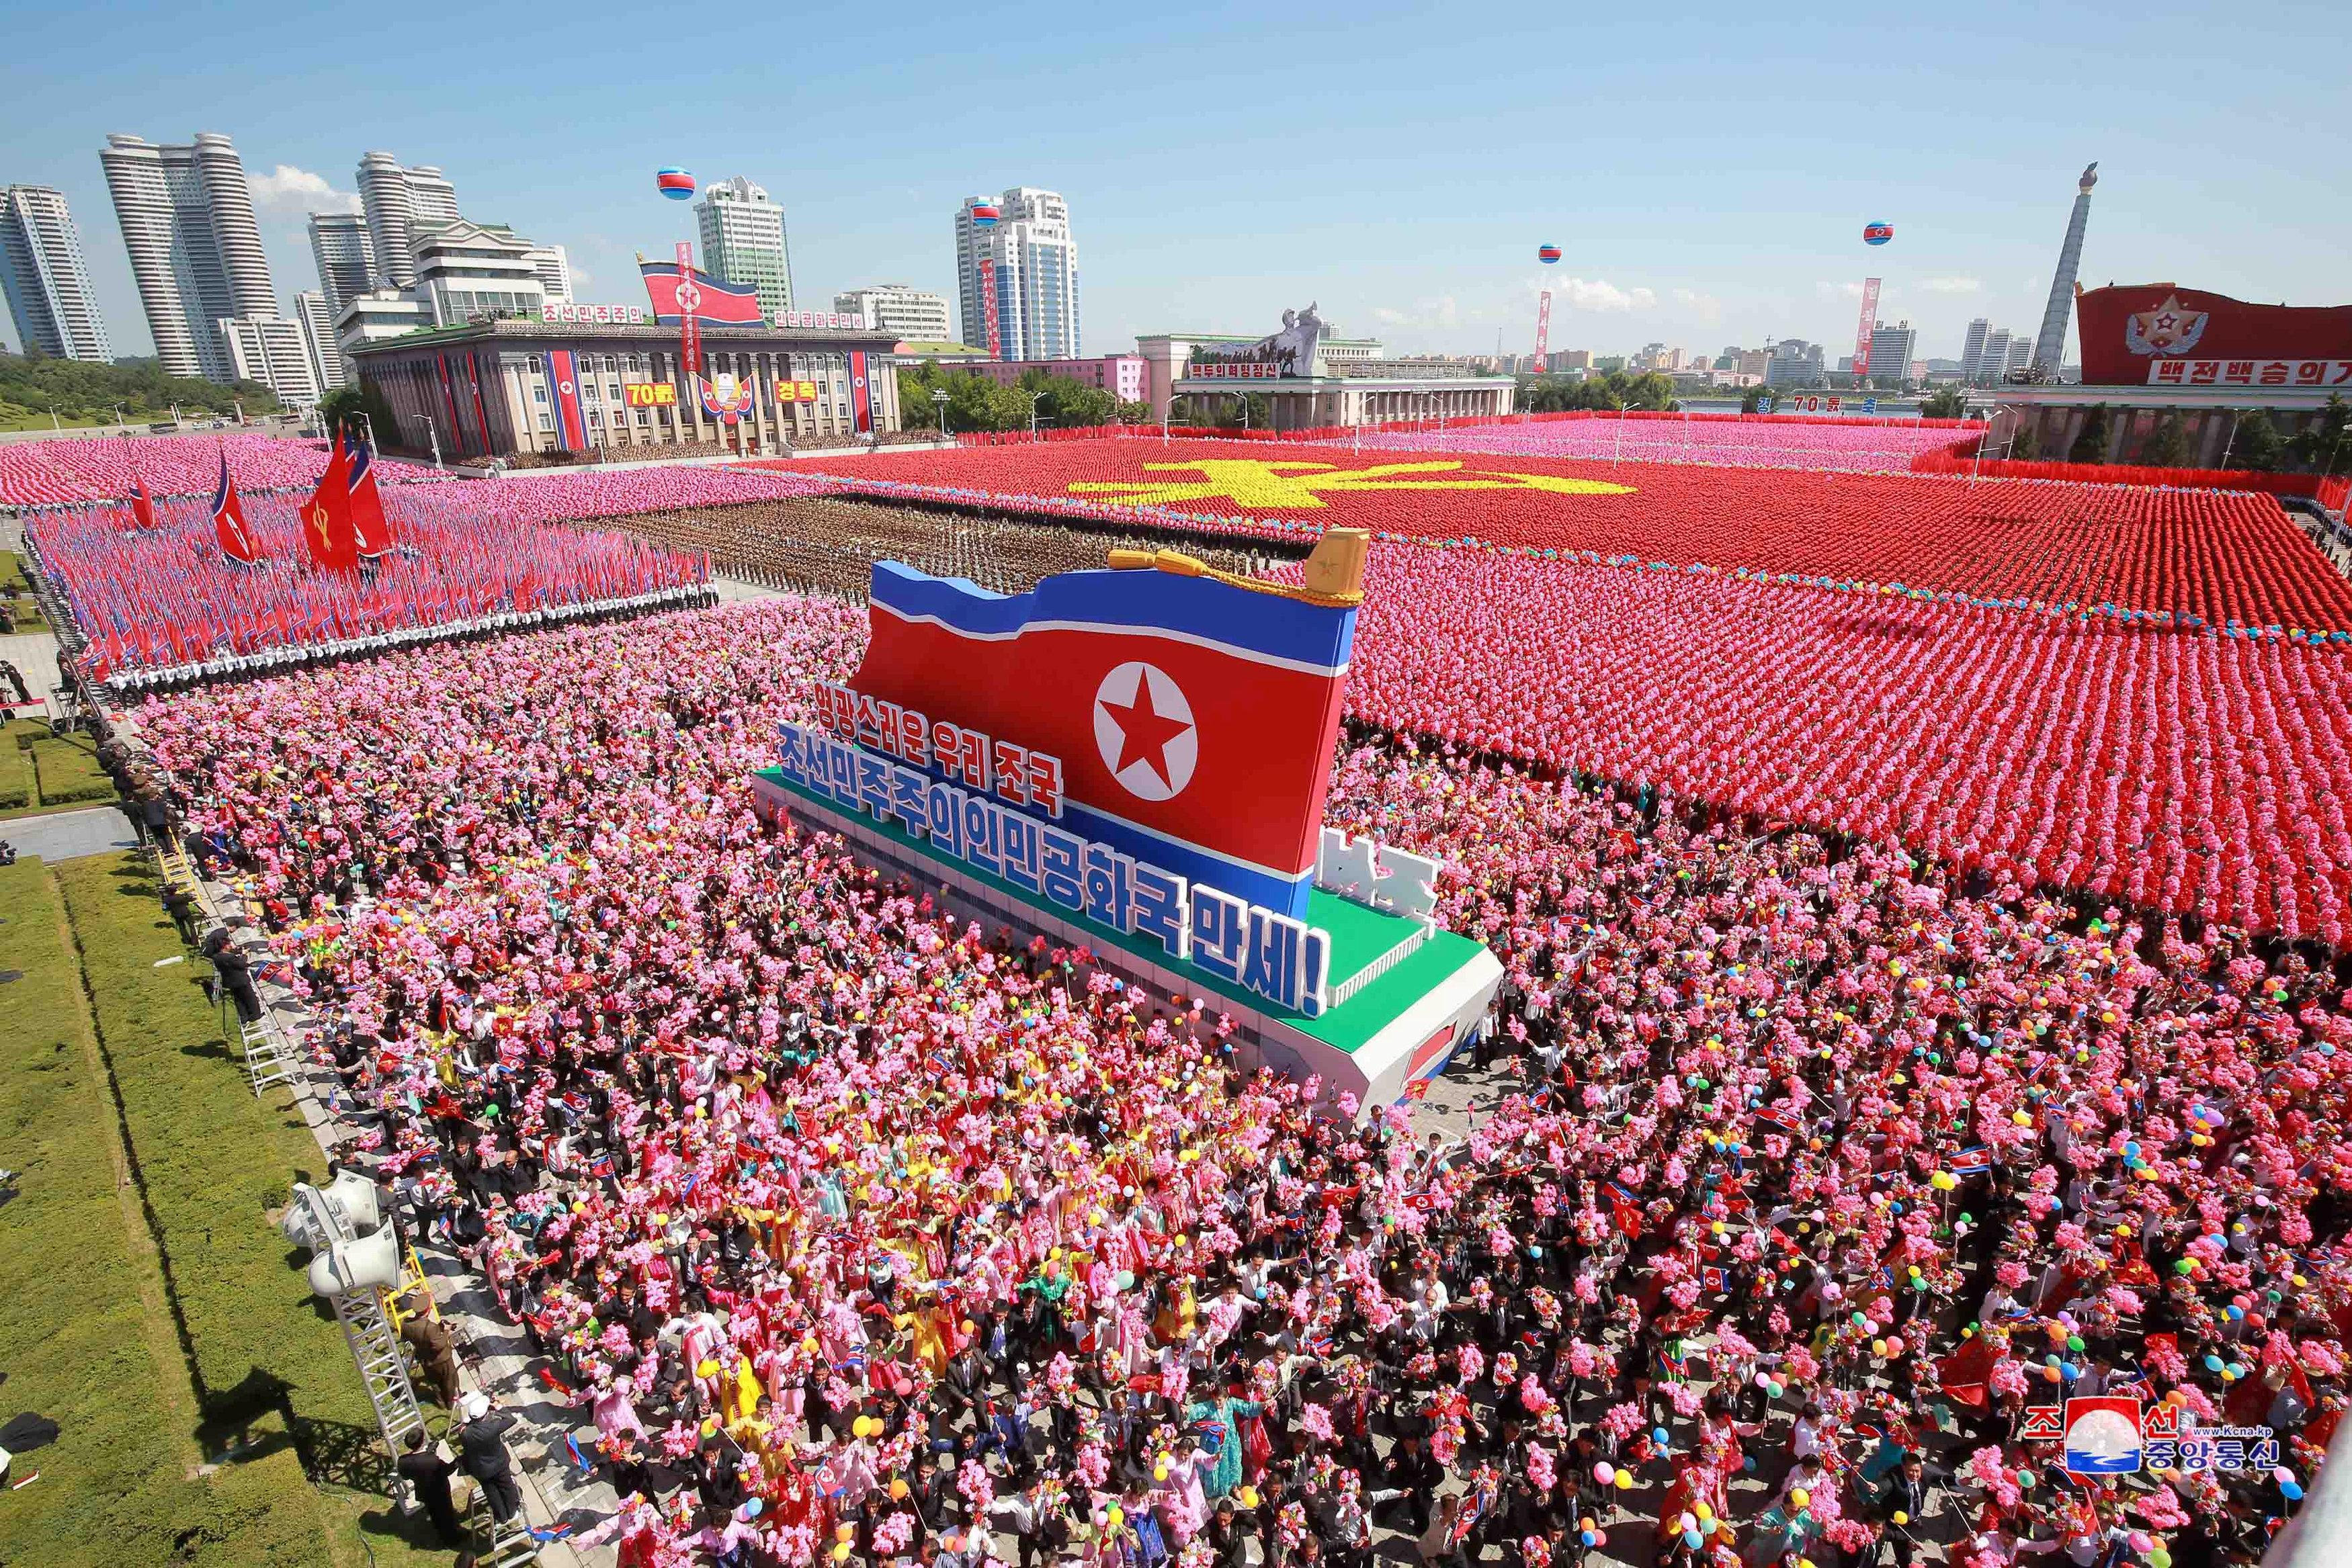 مواطنون كوريا الشمالية أثناء احتفالاتهم باليوم الوطنى